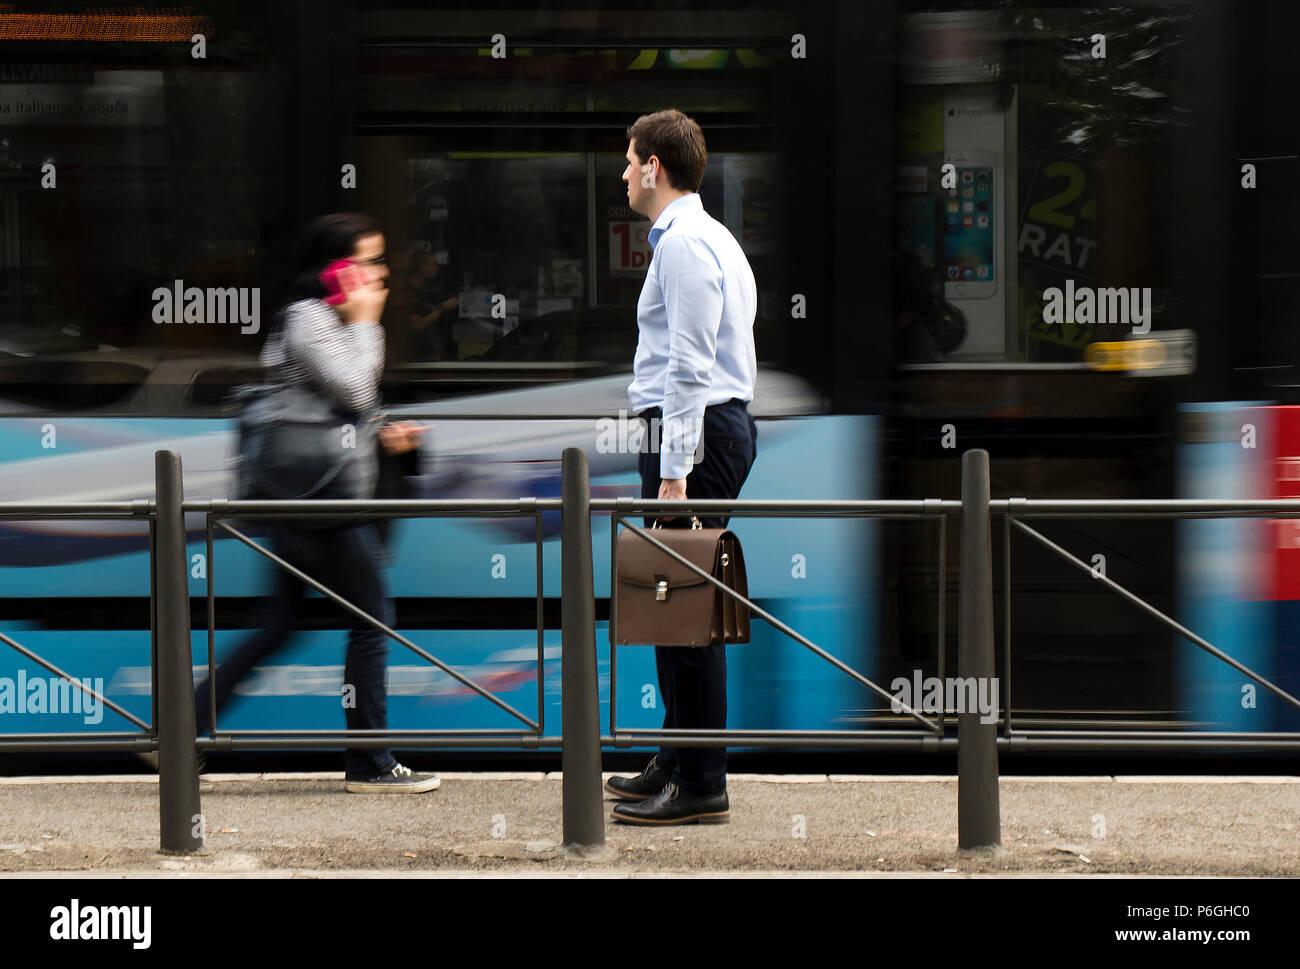 Belgrado, Serbia - Aprile 24, 2018 : uno bianco-collare Uomo con valigetta in piedi ad una fermata di autobus e di attesa per i mezzi di trasporto pubblici con motio sfocato Immagini Stock